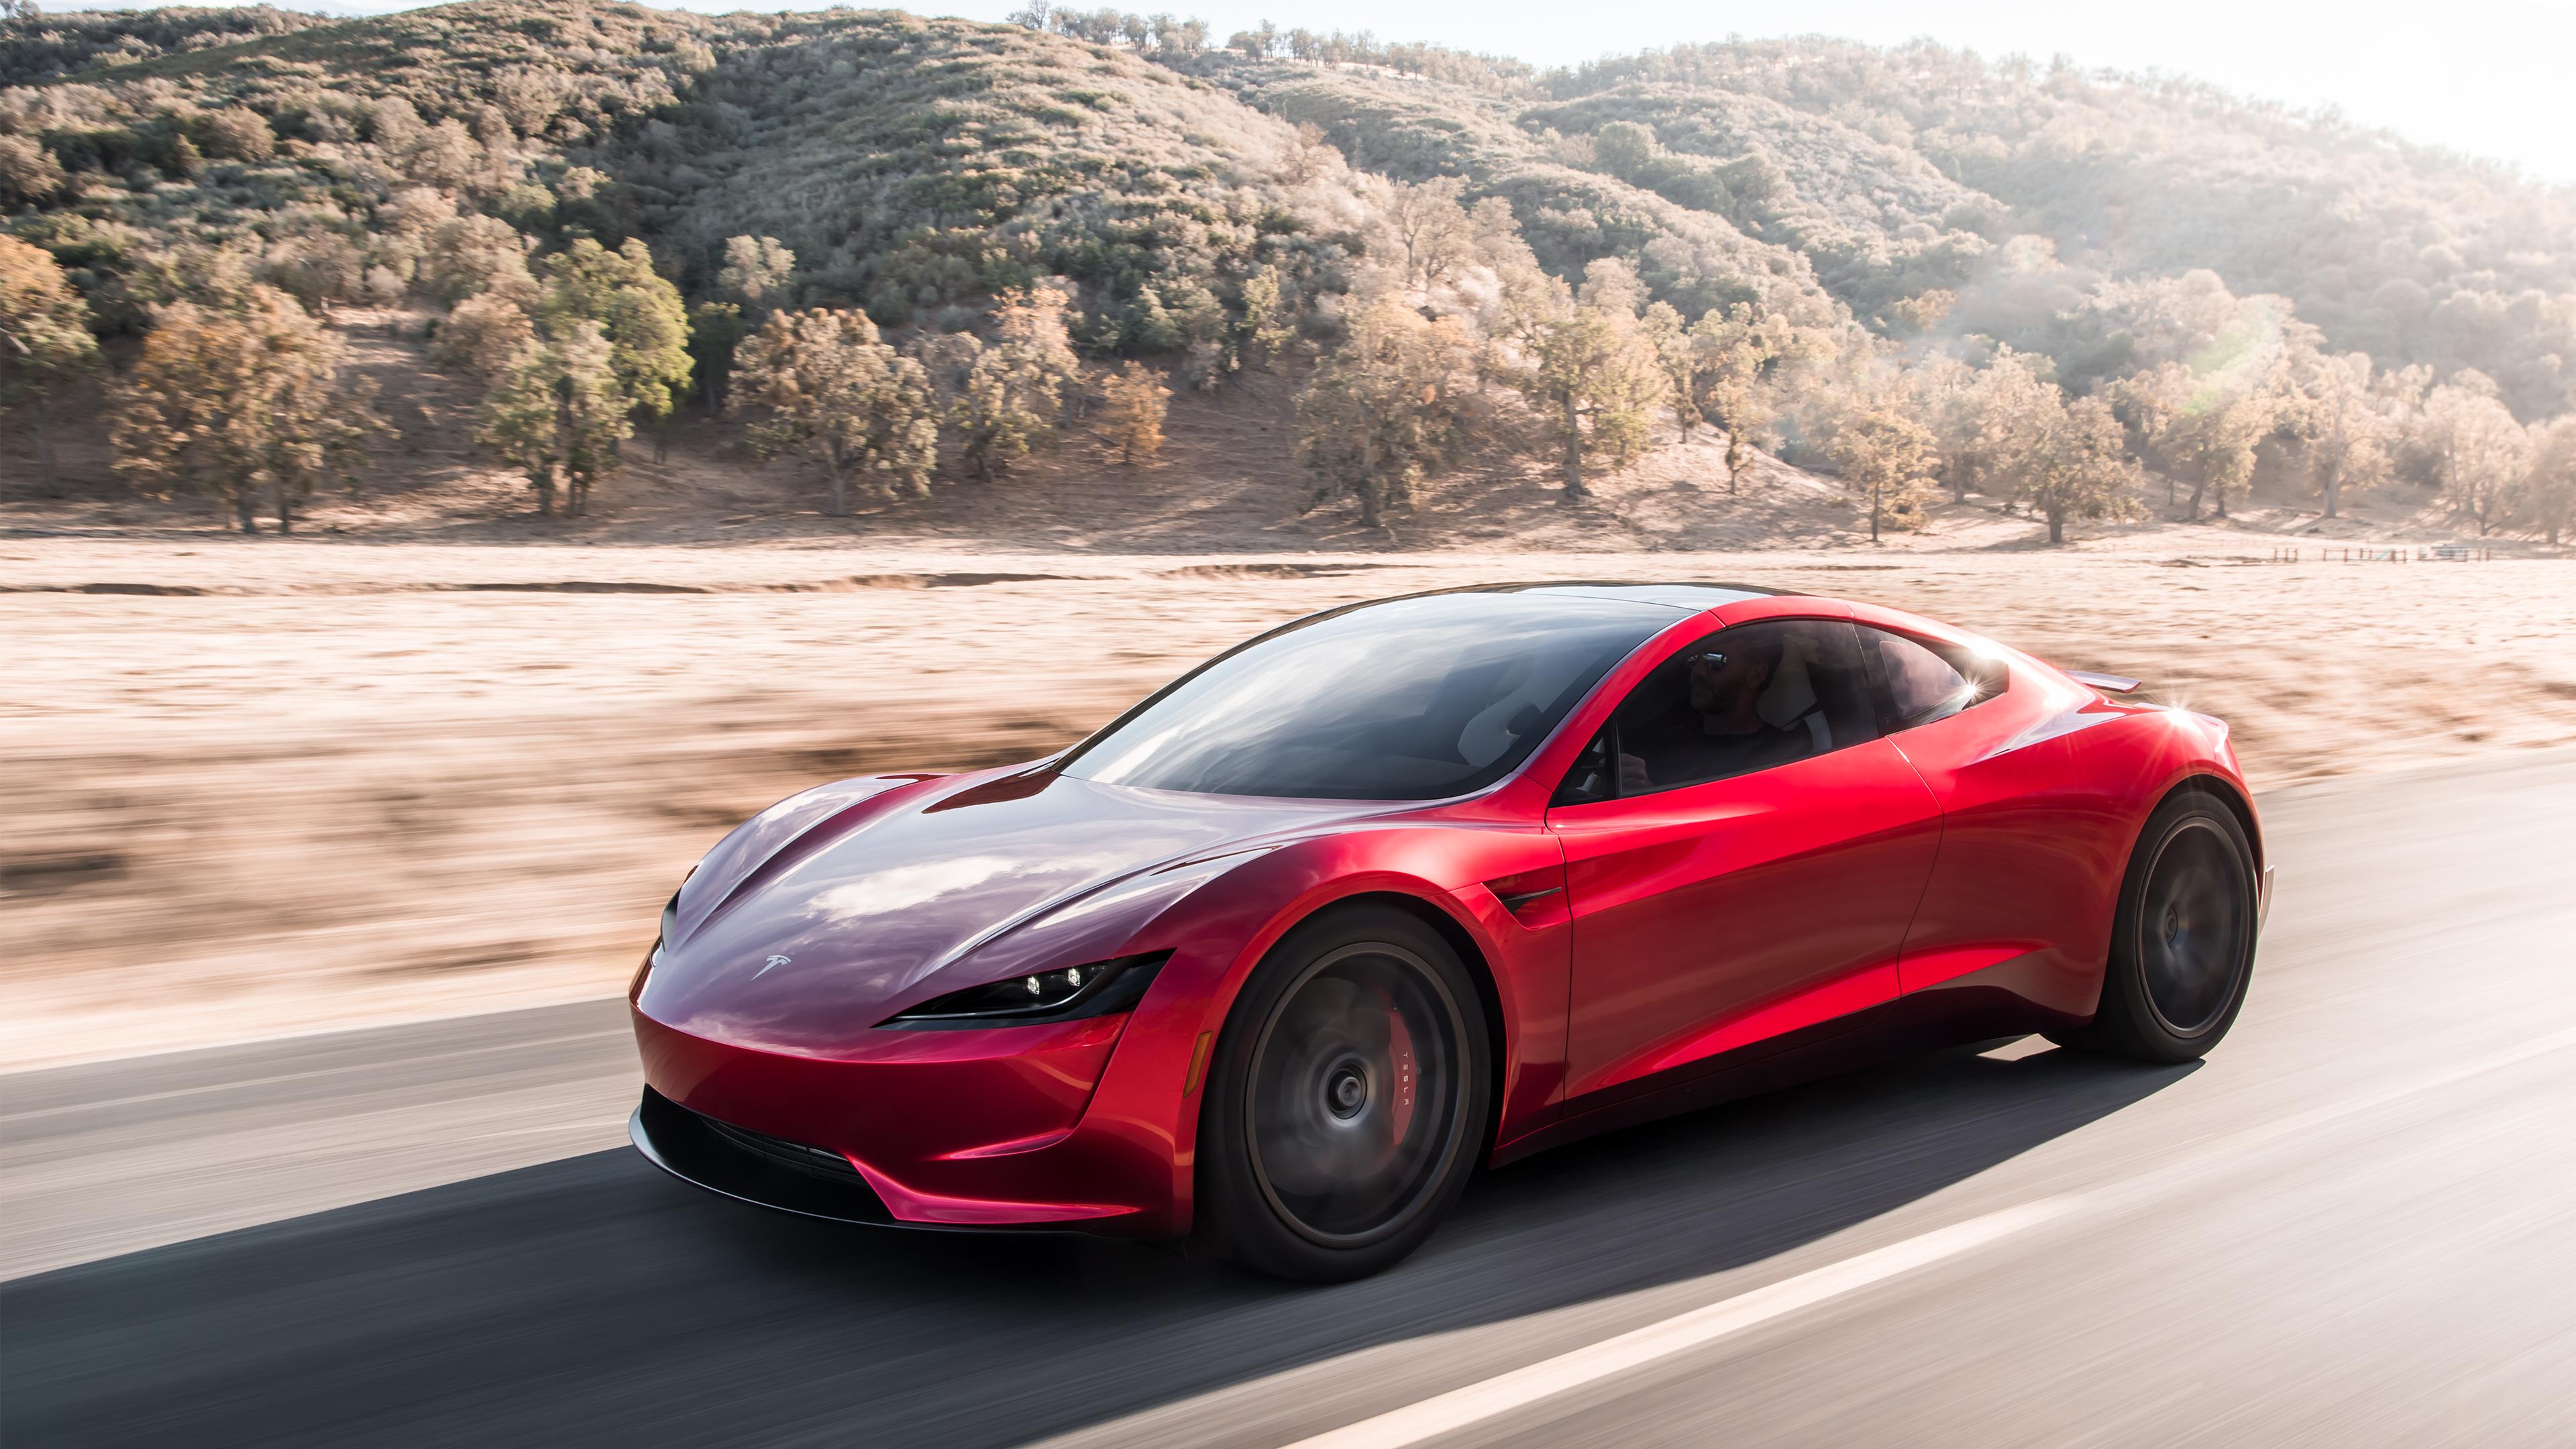 Nya Tesla Roadster ska bli världens snabbaste serietillverkade bil enlig Tesla.